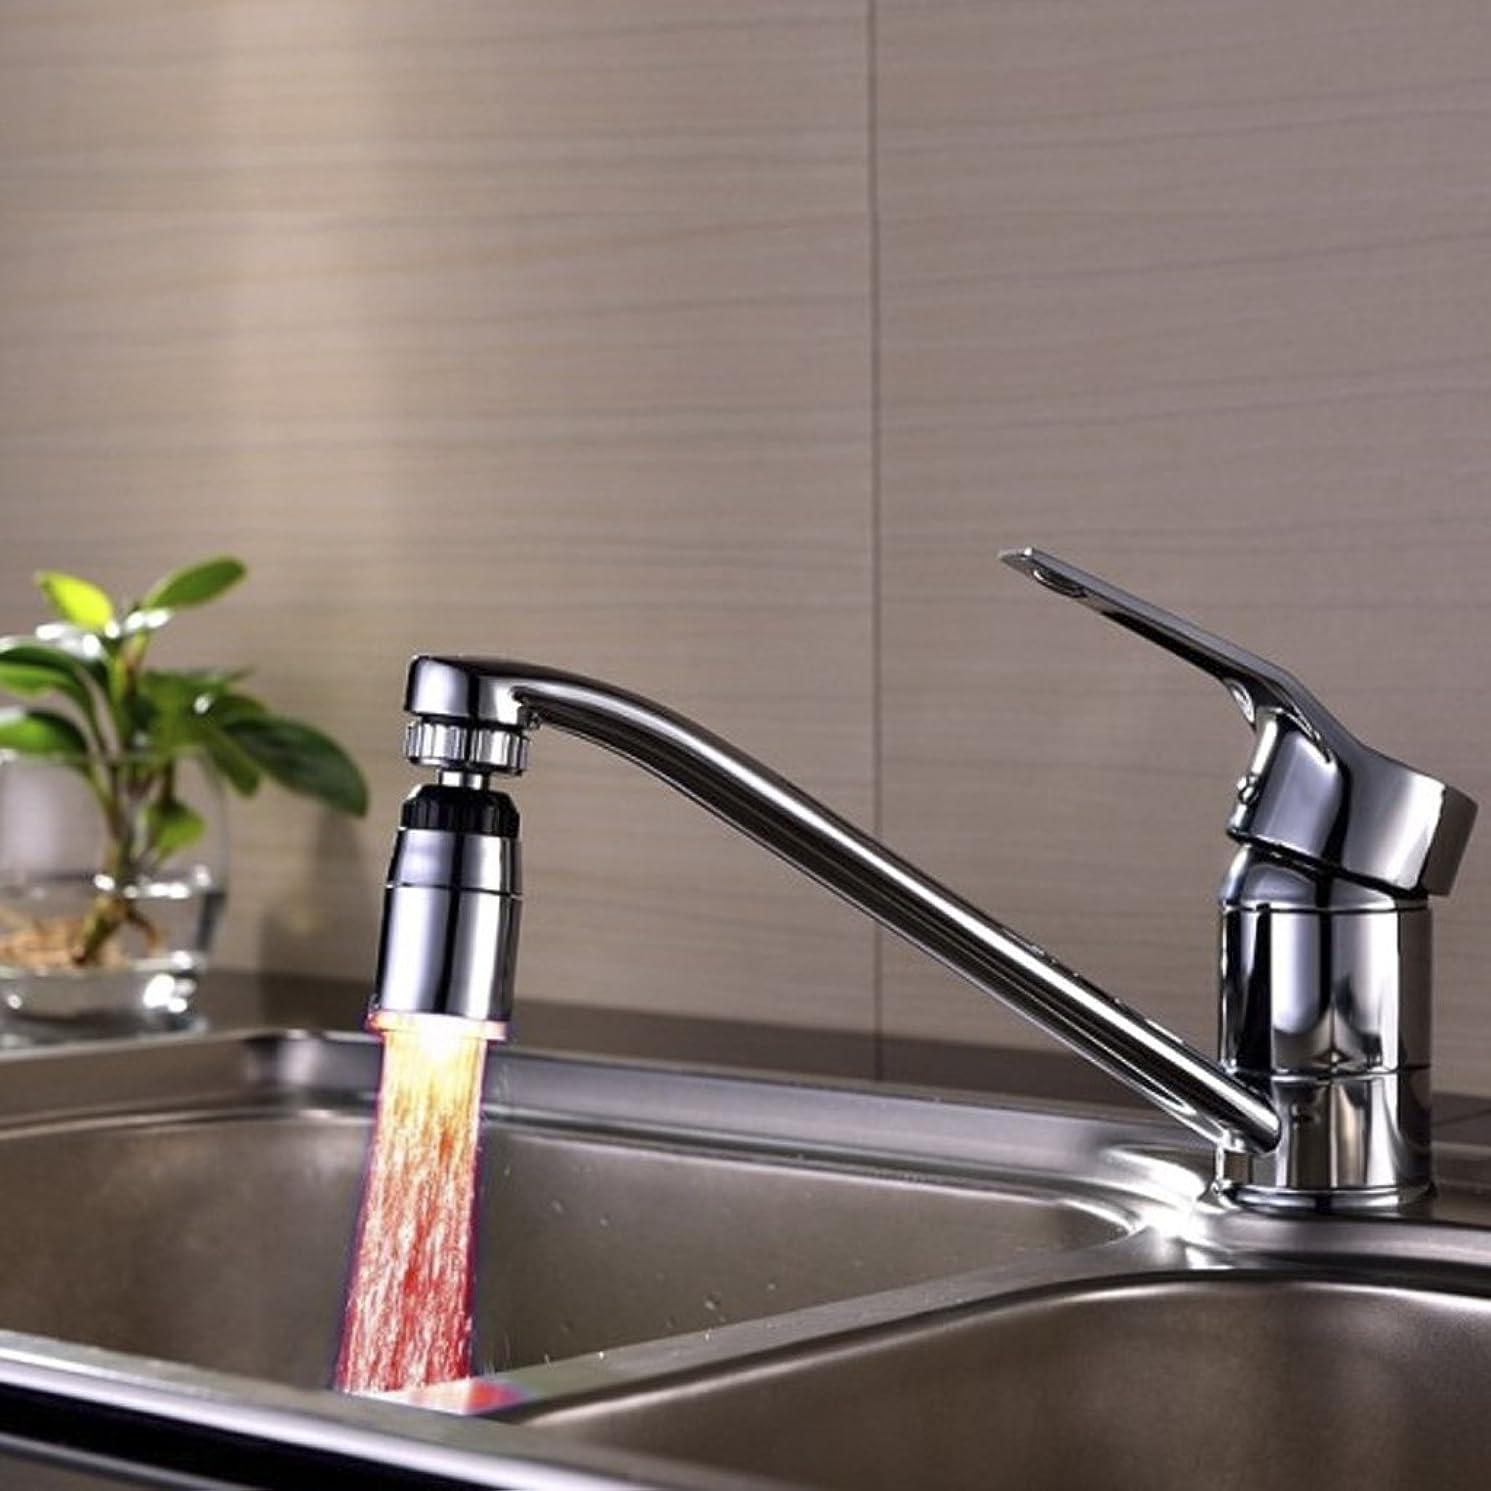 山テクニカル破滅温度センサー自動変更水蛇口ストリームタップ浴室3色LED